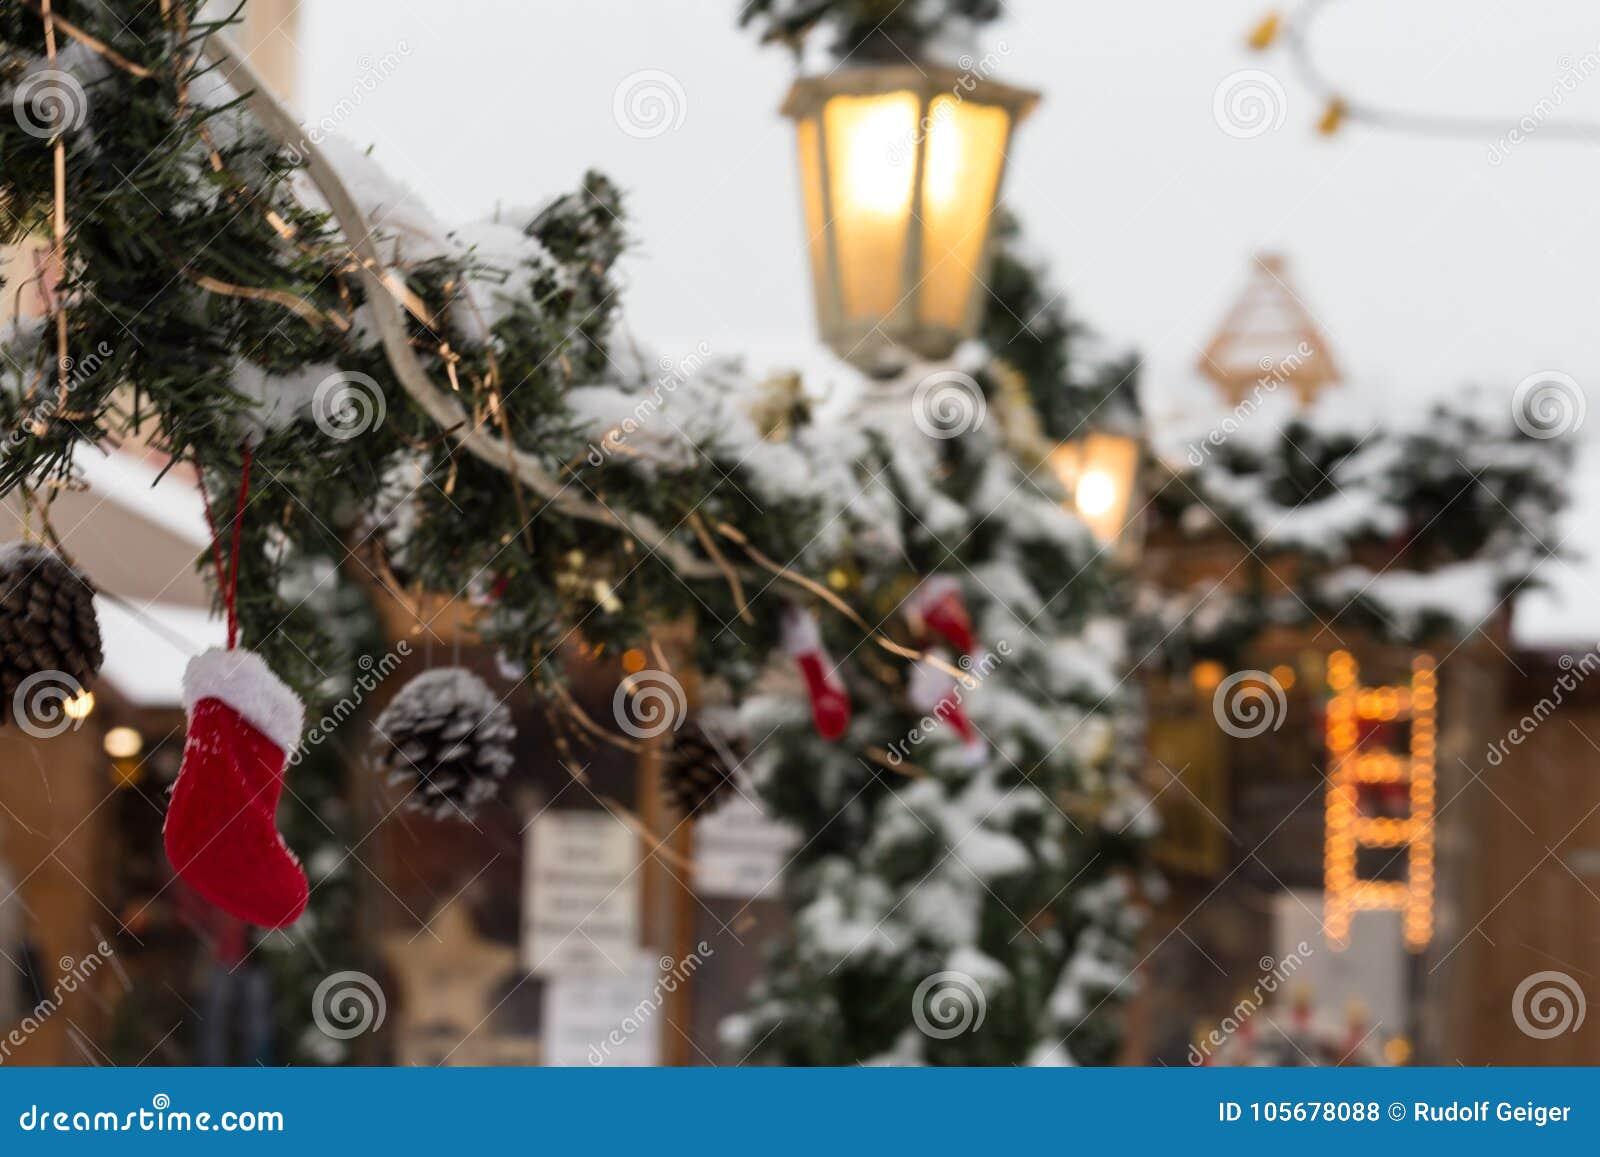 χιονοπτώσεις στην αγορά Χριστουγέννων με τους λαμπτήρες και τη διακόσμηση φω των μέσα